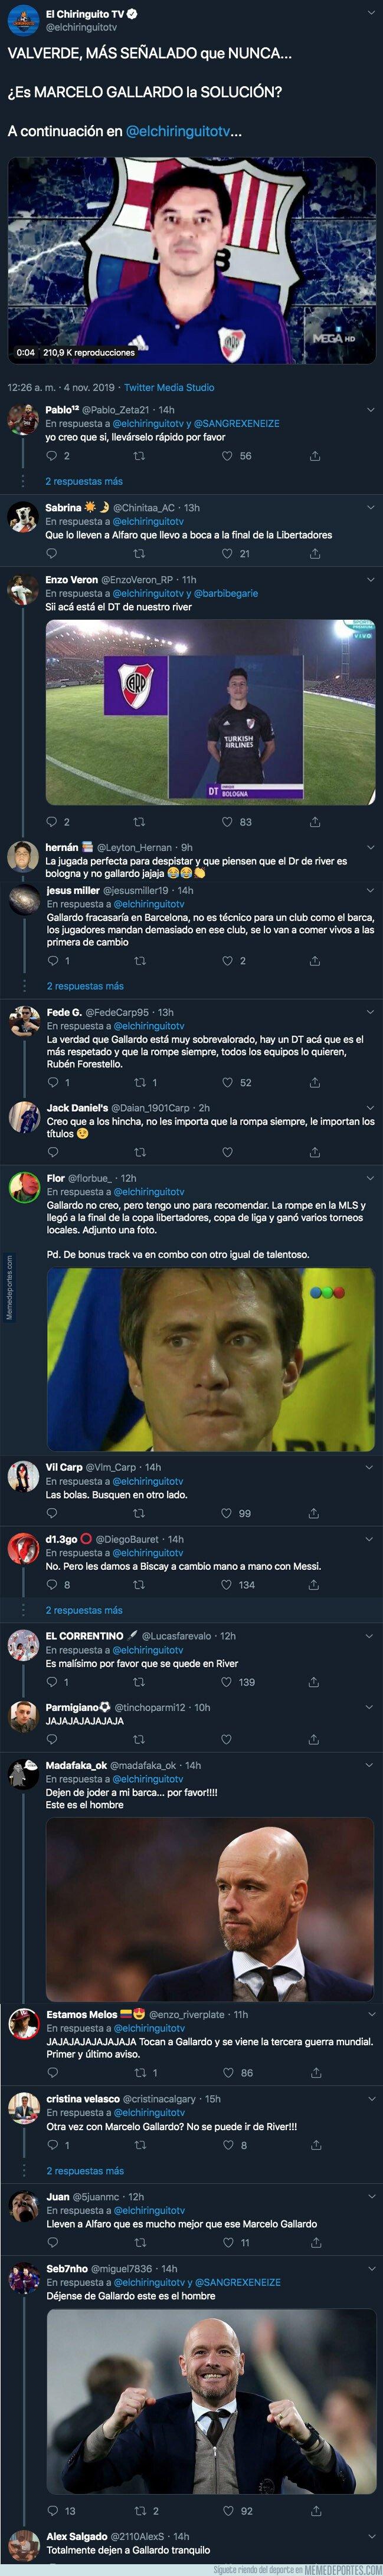 1090063 - 'El Chiringuito' anuncia a Marcelo Gallardo como posible nuevo entrenador del Barça y los argentinos no tardan en responder